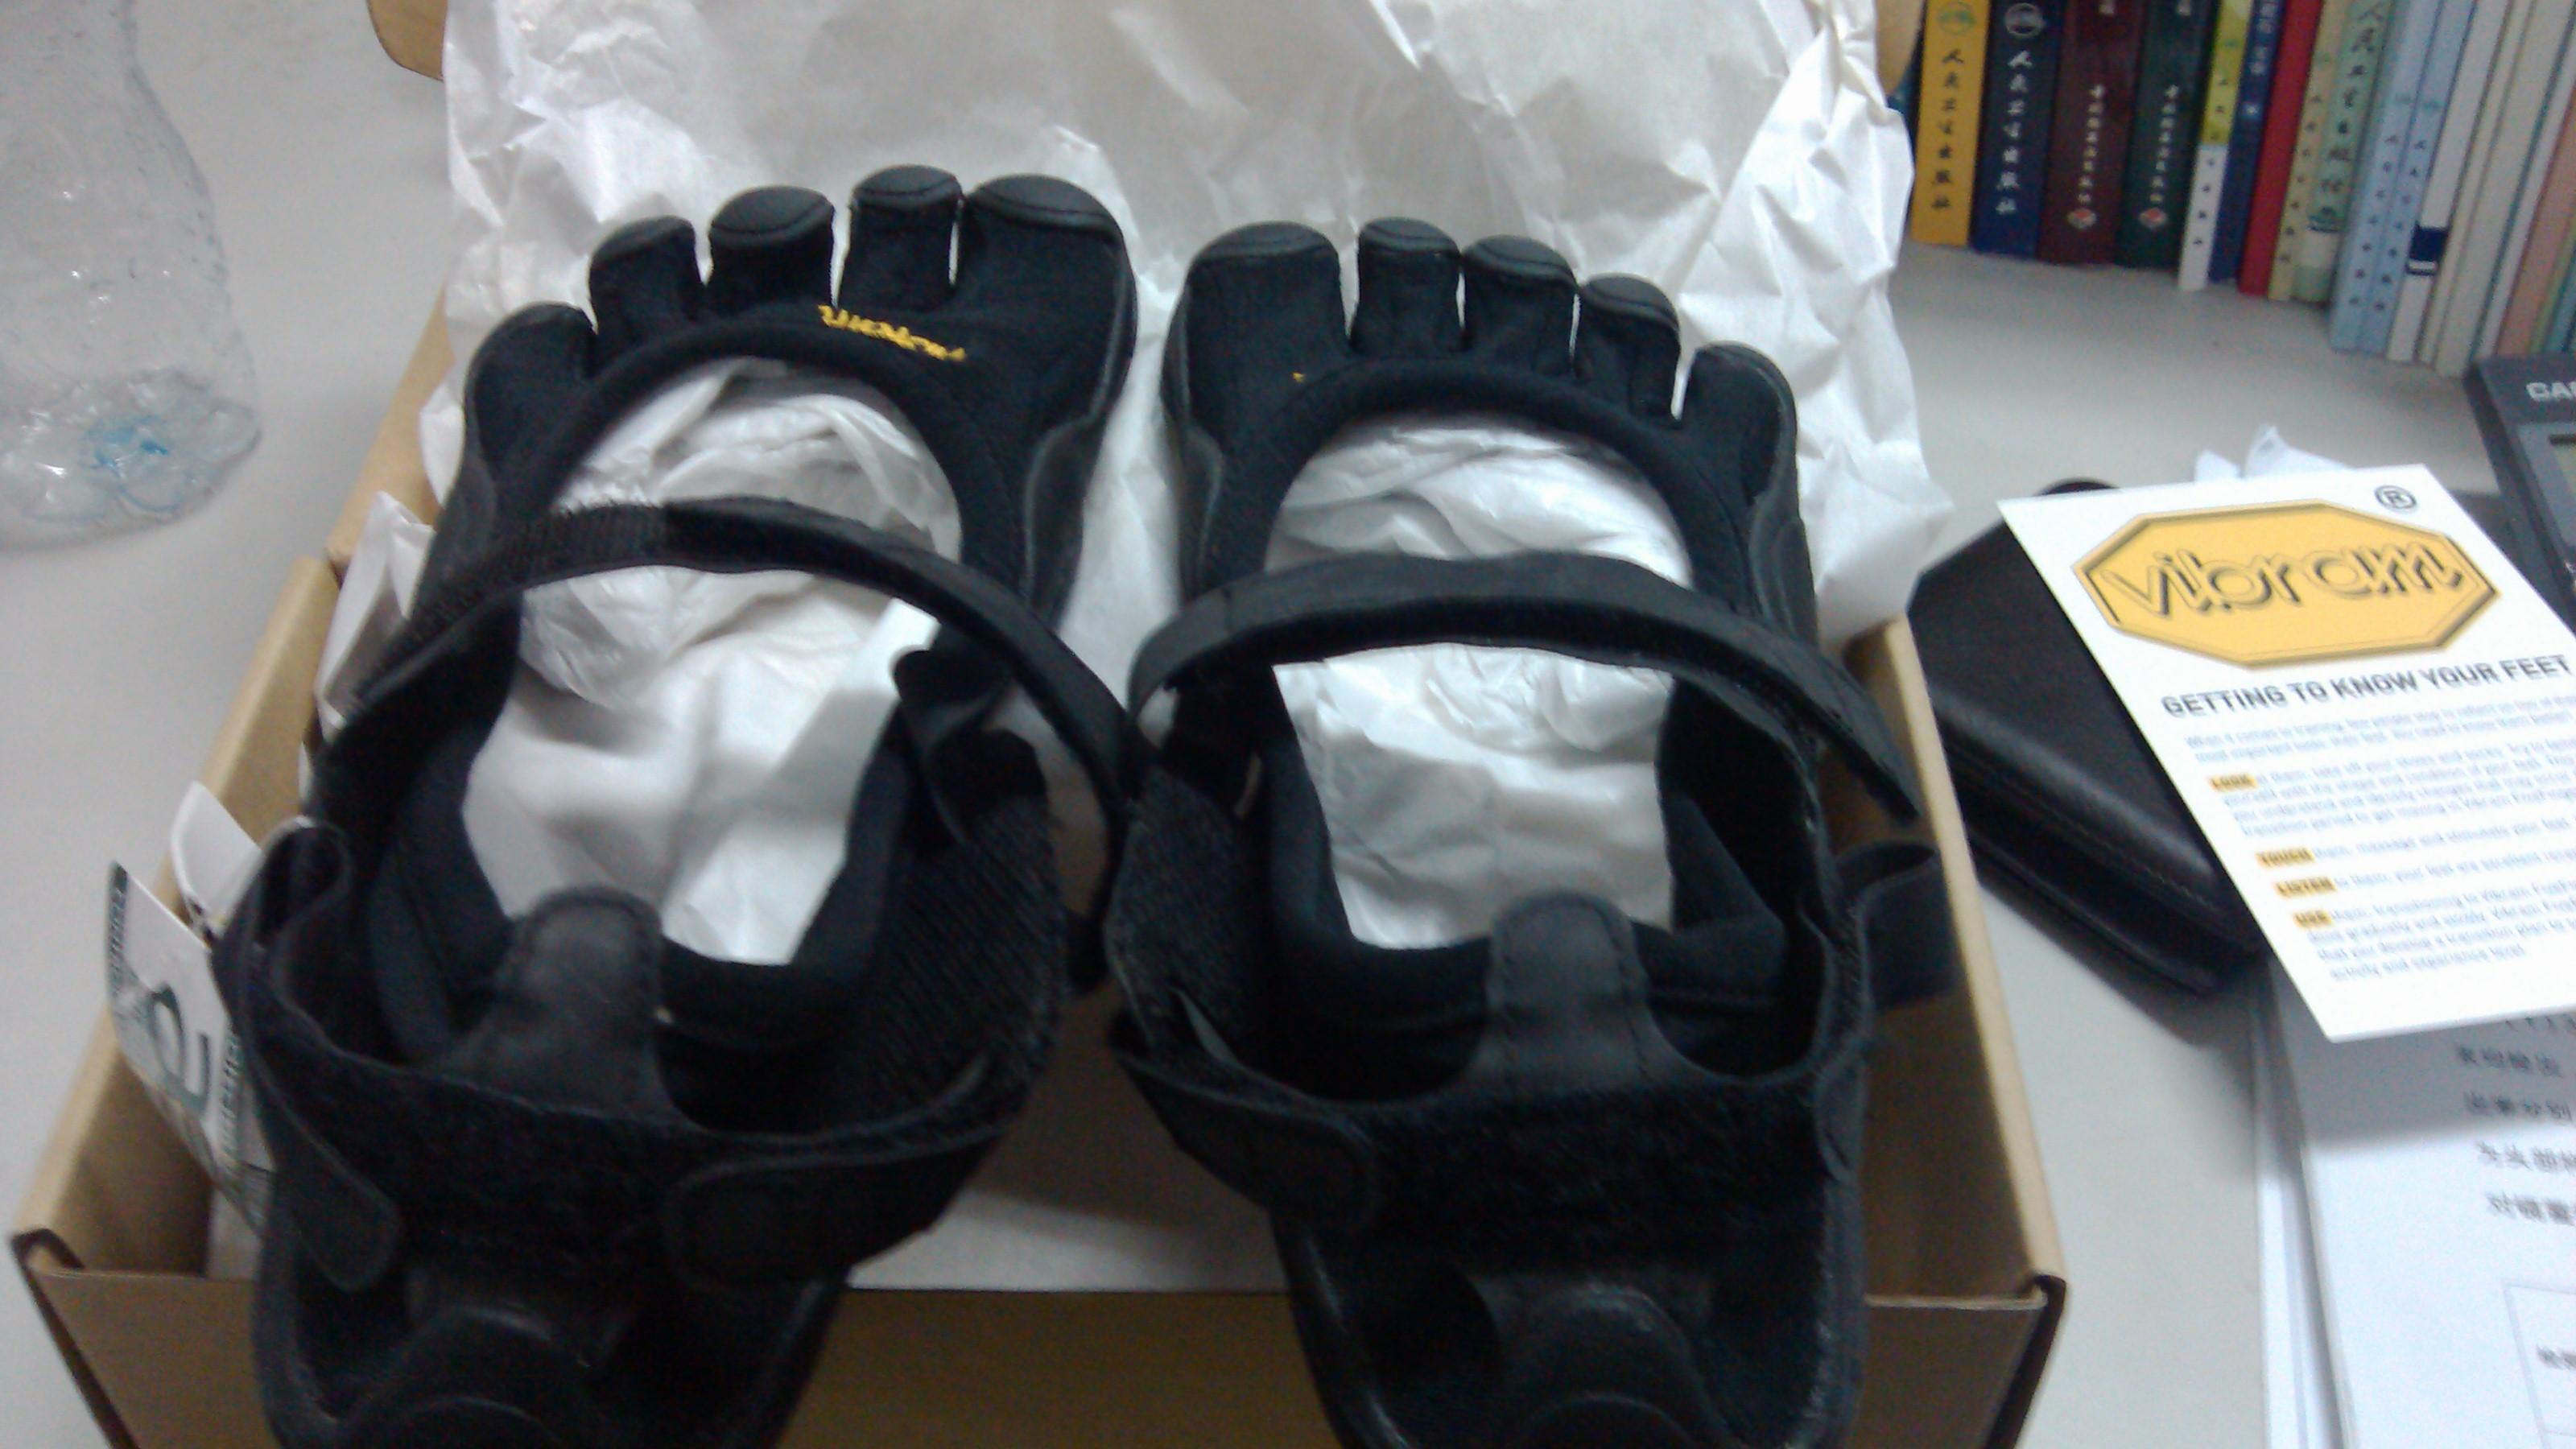 出五指鞋和阿迪Primaloft中棉防风背心,绝对物美价廉